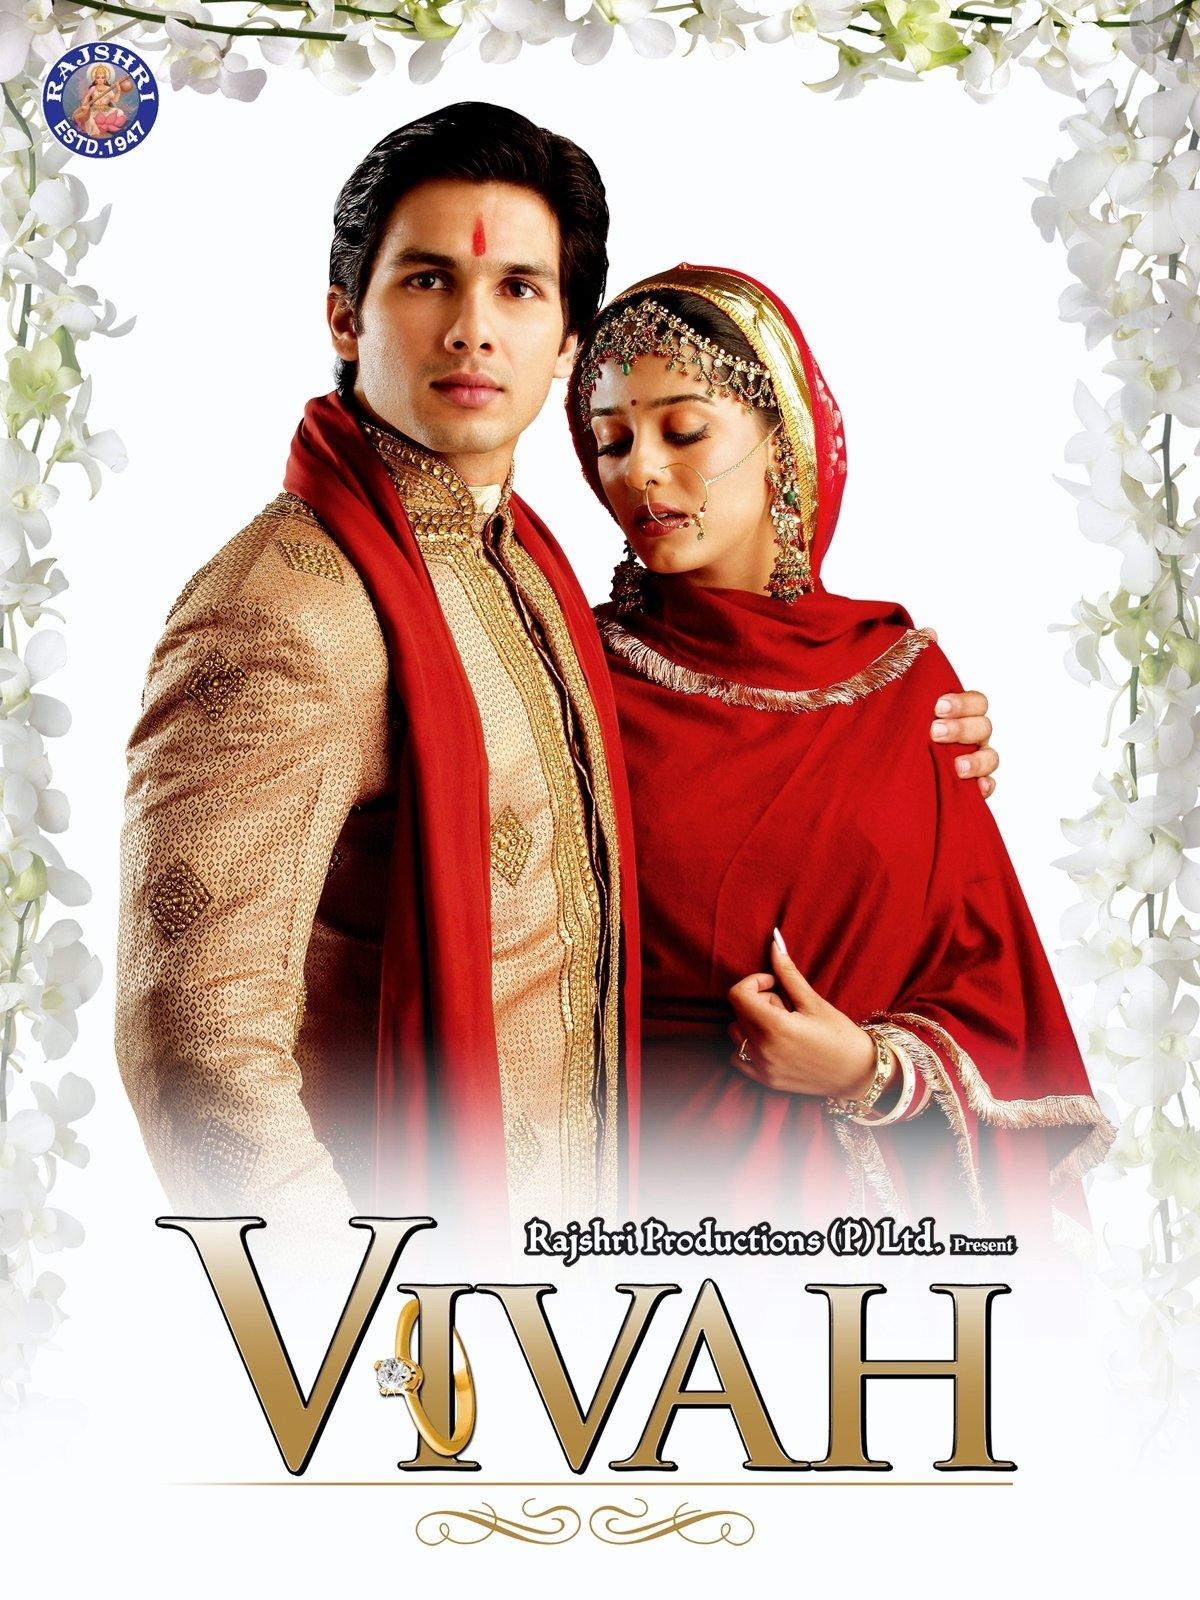 Top Wallpaper Movie Vivah - 81Swh9OkORL  HD_41469.jpg